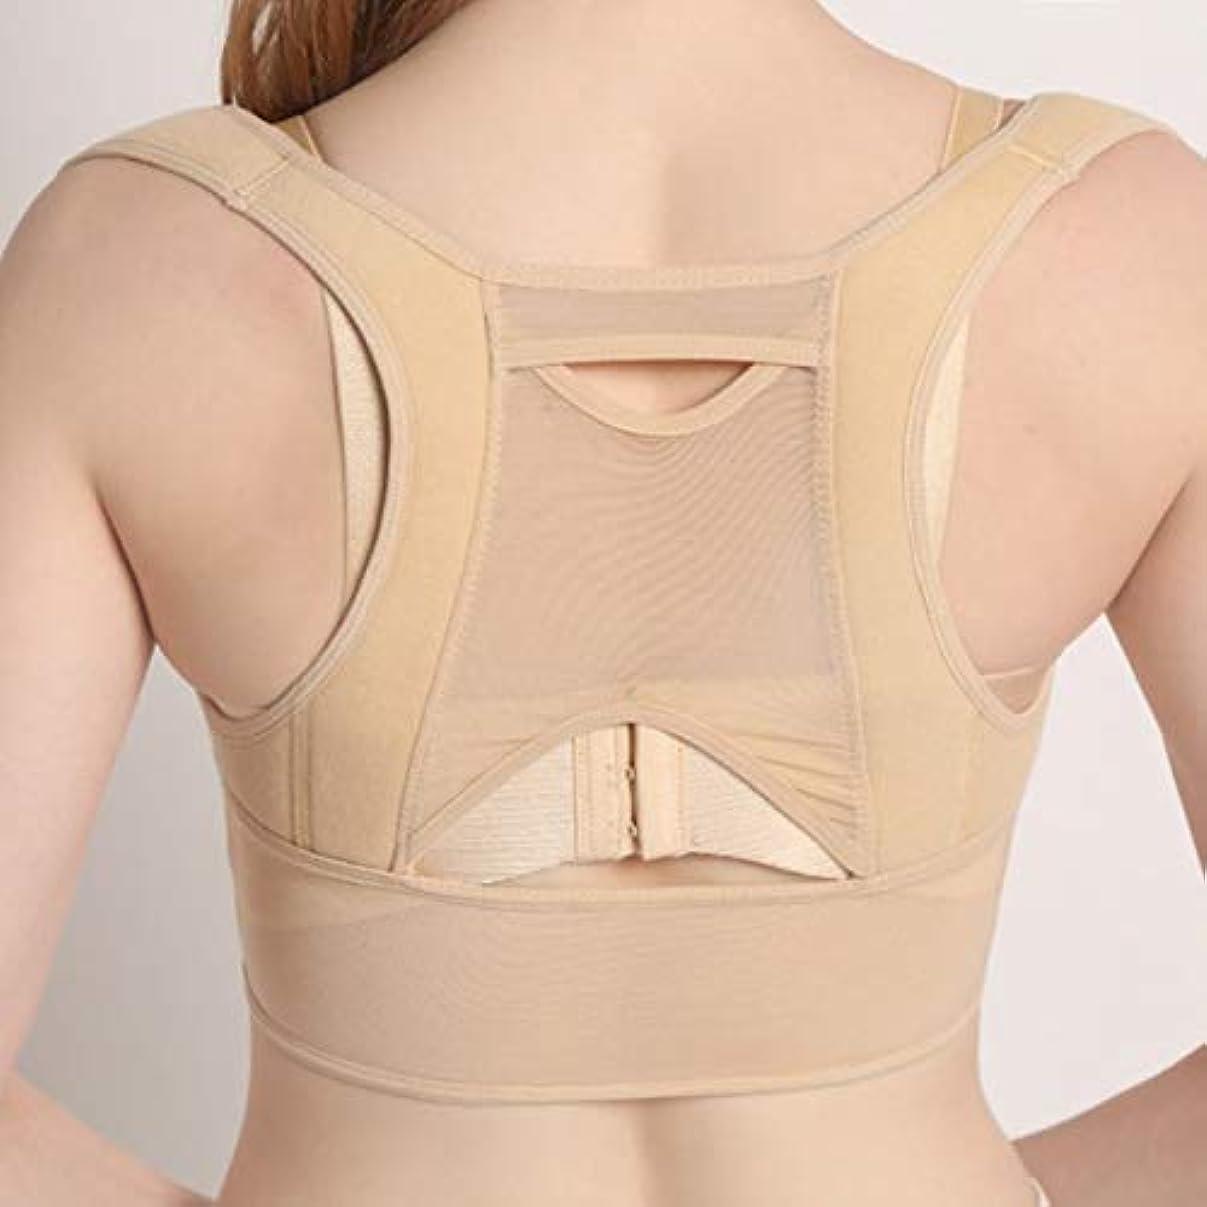 気絶させるビクター倒産通気性のある女性バック姿勢矯正コルセット整形外科用アッパーバックショルダー脊椎姿勢矯正腰椎サポート - ベージュホワイト